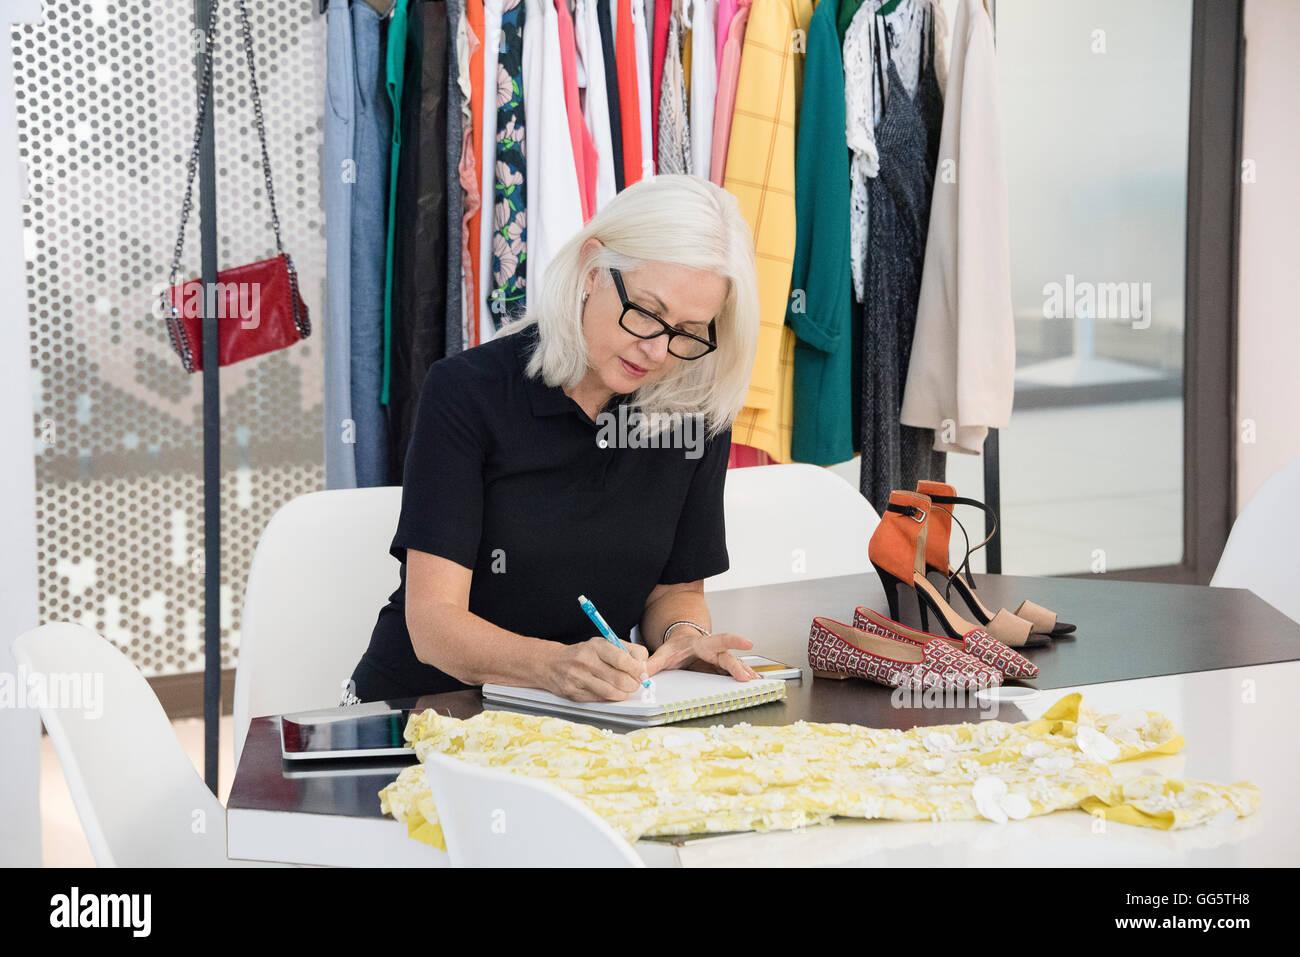 Diseñador de moda femenina trabaja en su oficina Imagen De Stock